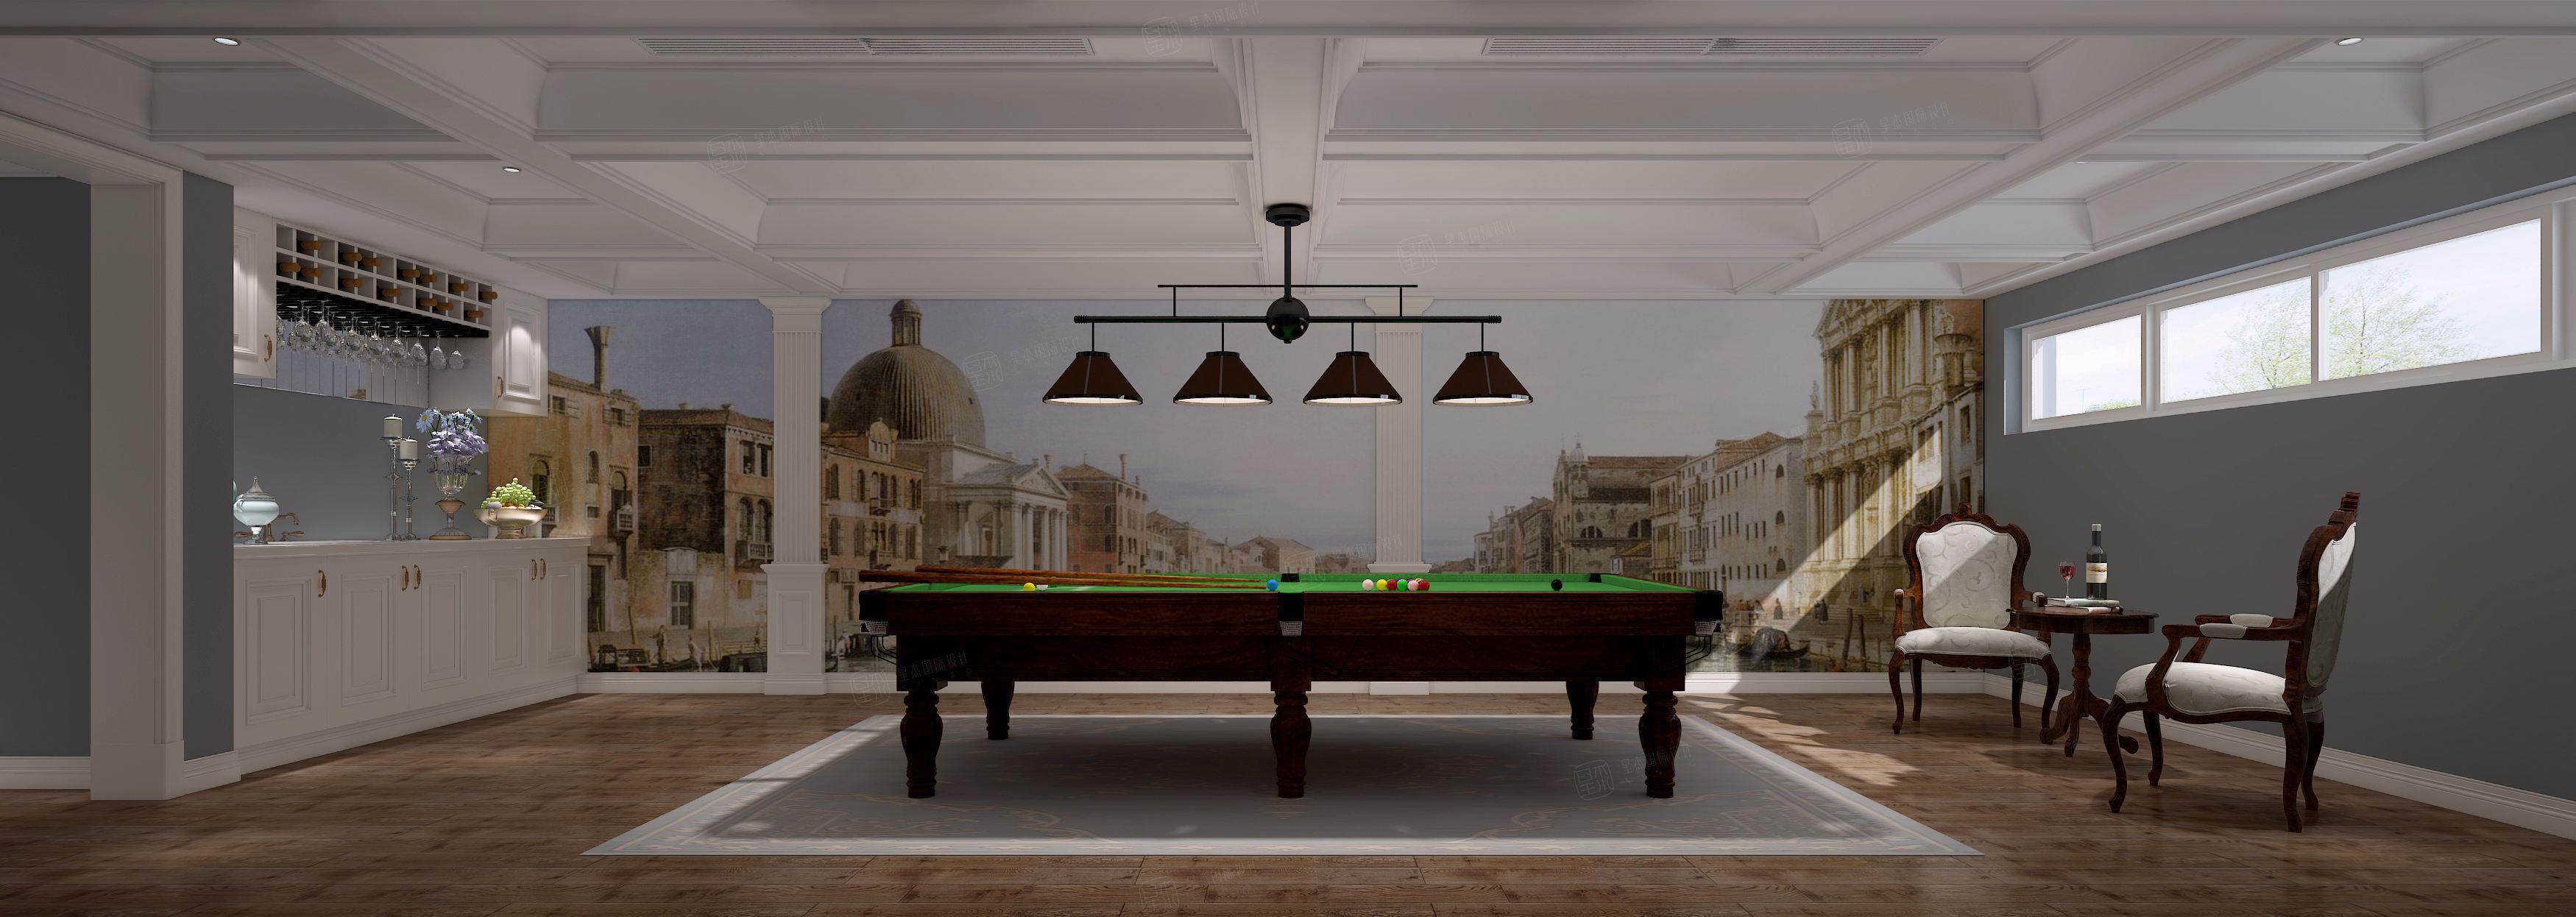 太湖之星_质朴典雅的气氛装修台球室效果图